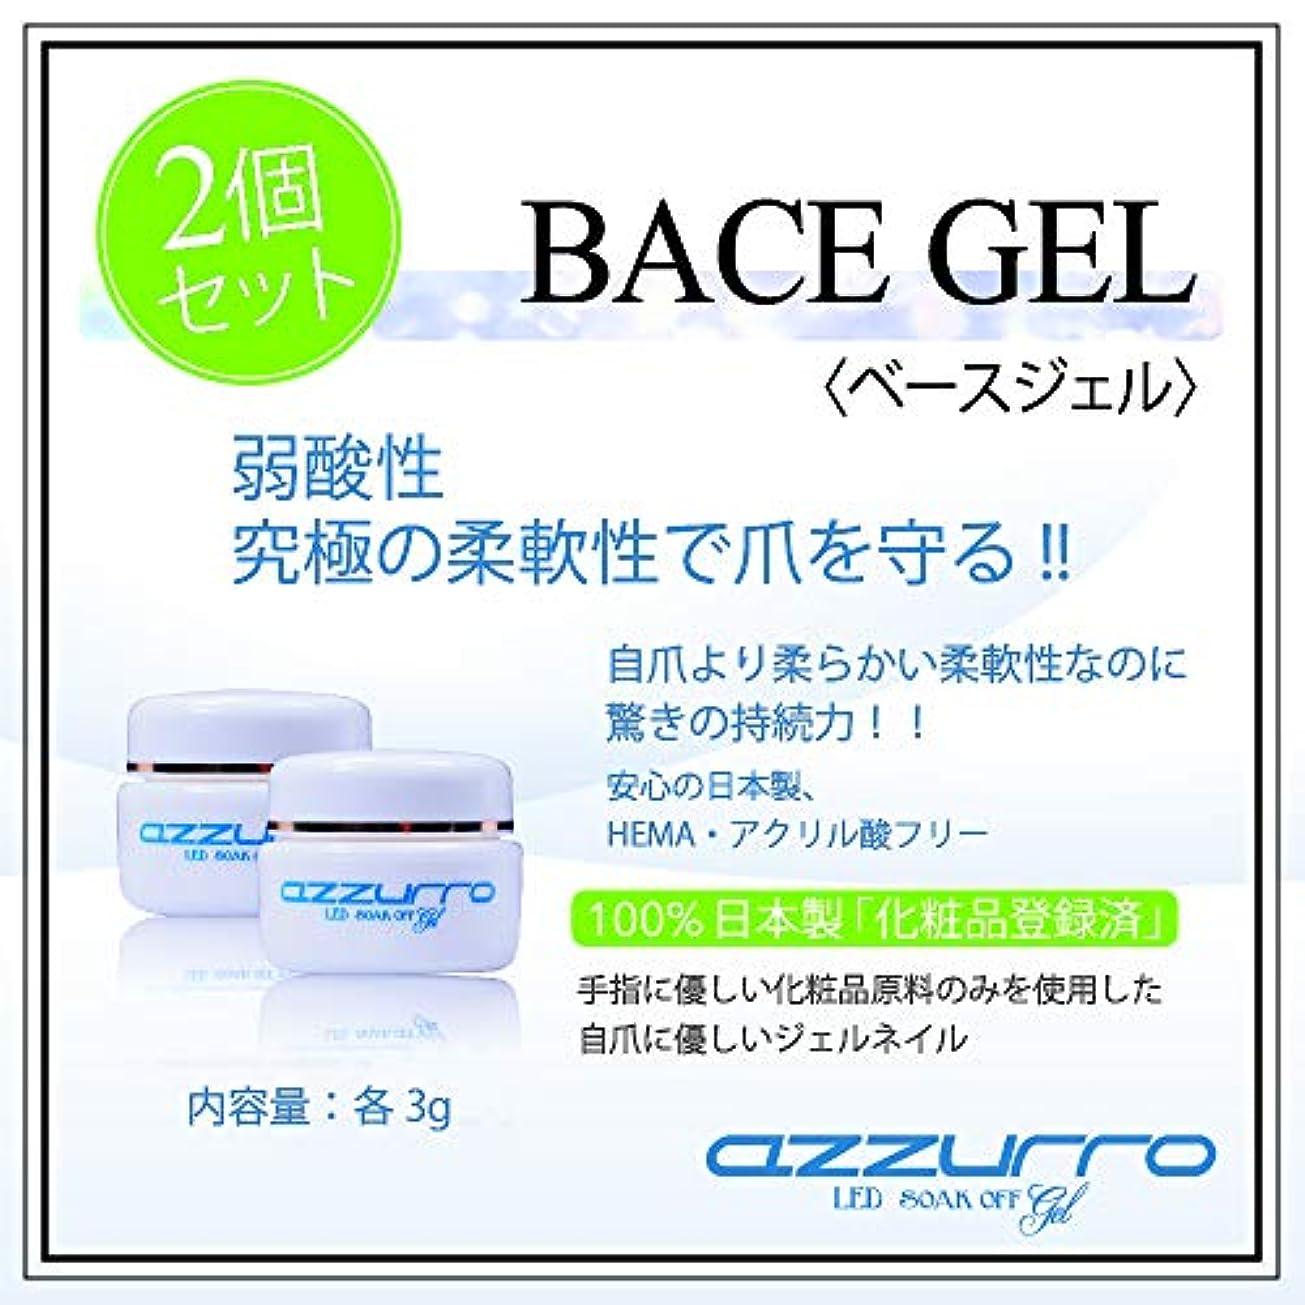 モノグラフ終了する協力するazzurro gel アッズーロベースジェル お得な2個セット 爪に優しい 日本製 驚きの密着力 リムーバーでオフも簡単3g